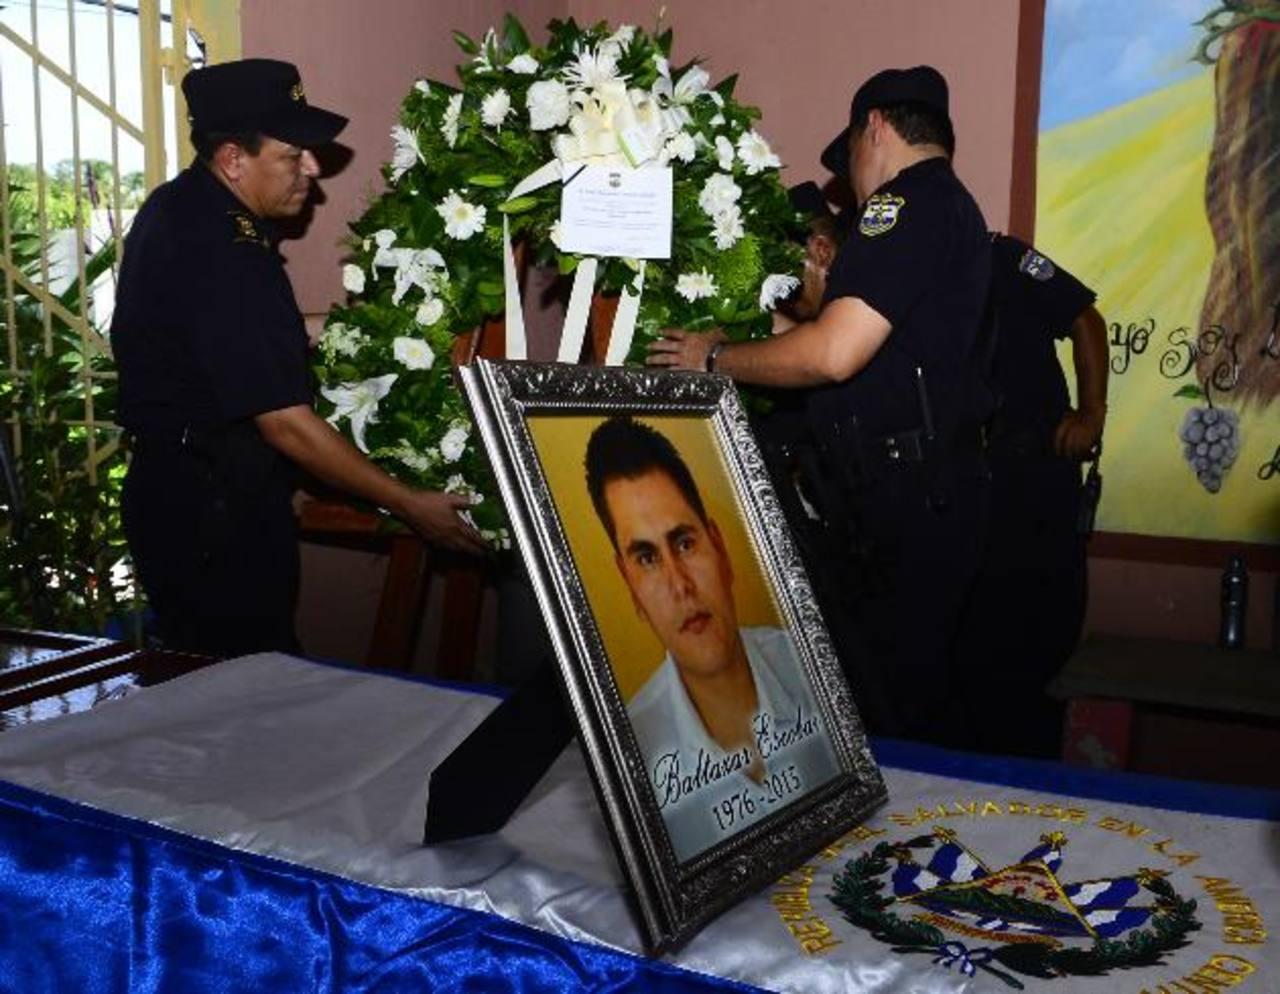 El policía Baltazar Escobar fue sepultado ayer, tras ser asesinado el día del padre cuando regresaba con sus familiares de departir. Foto EDH / rené estrada